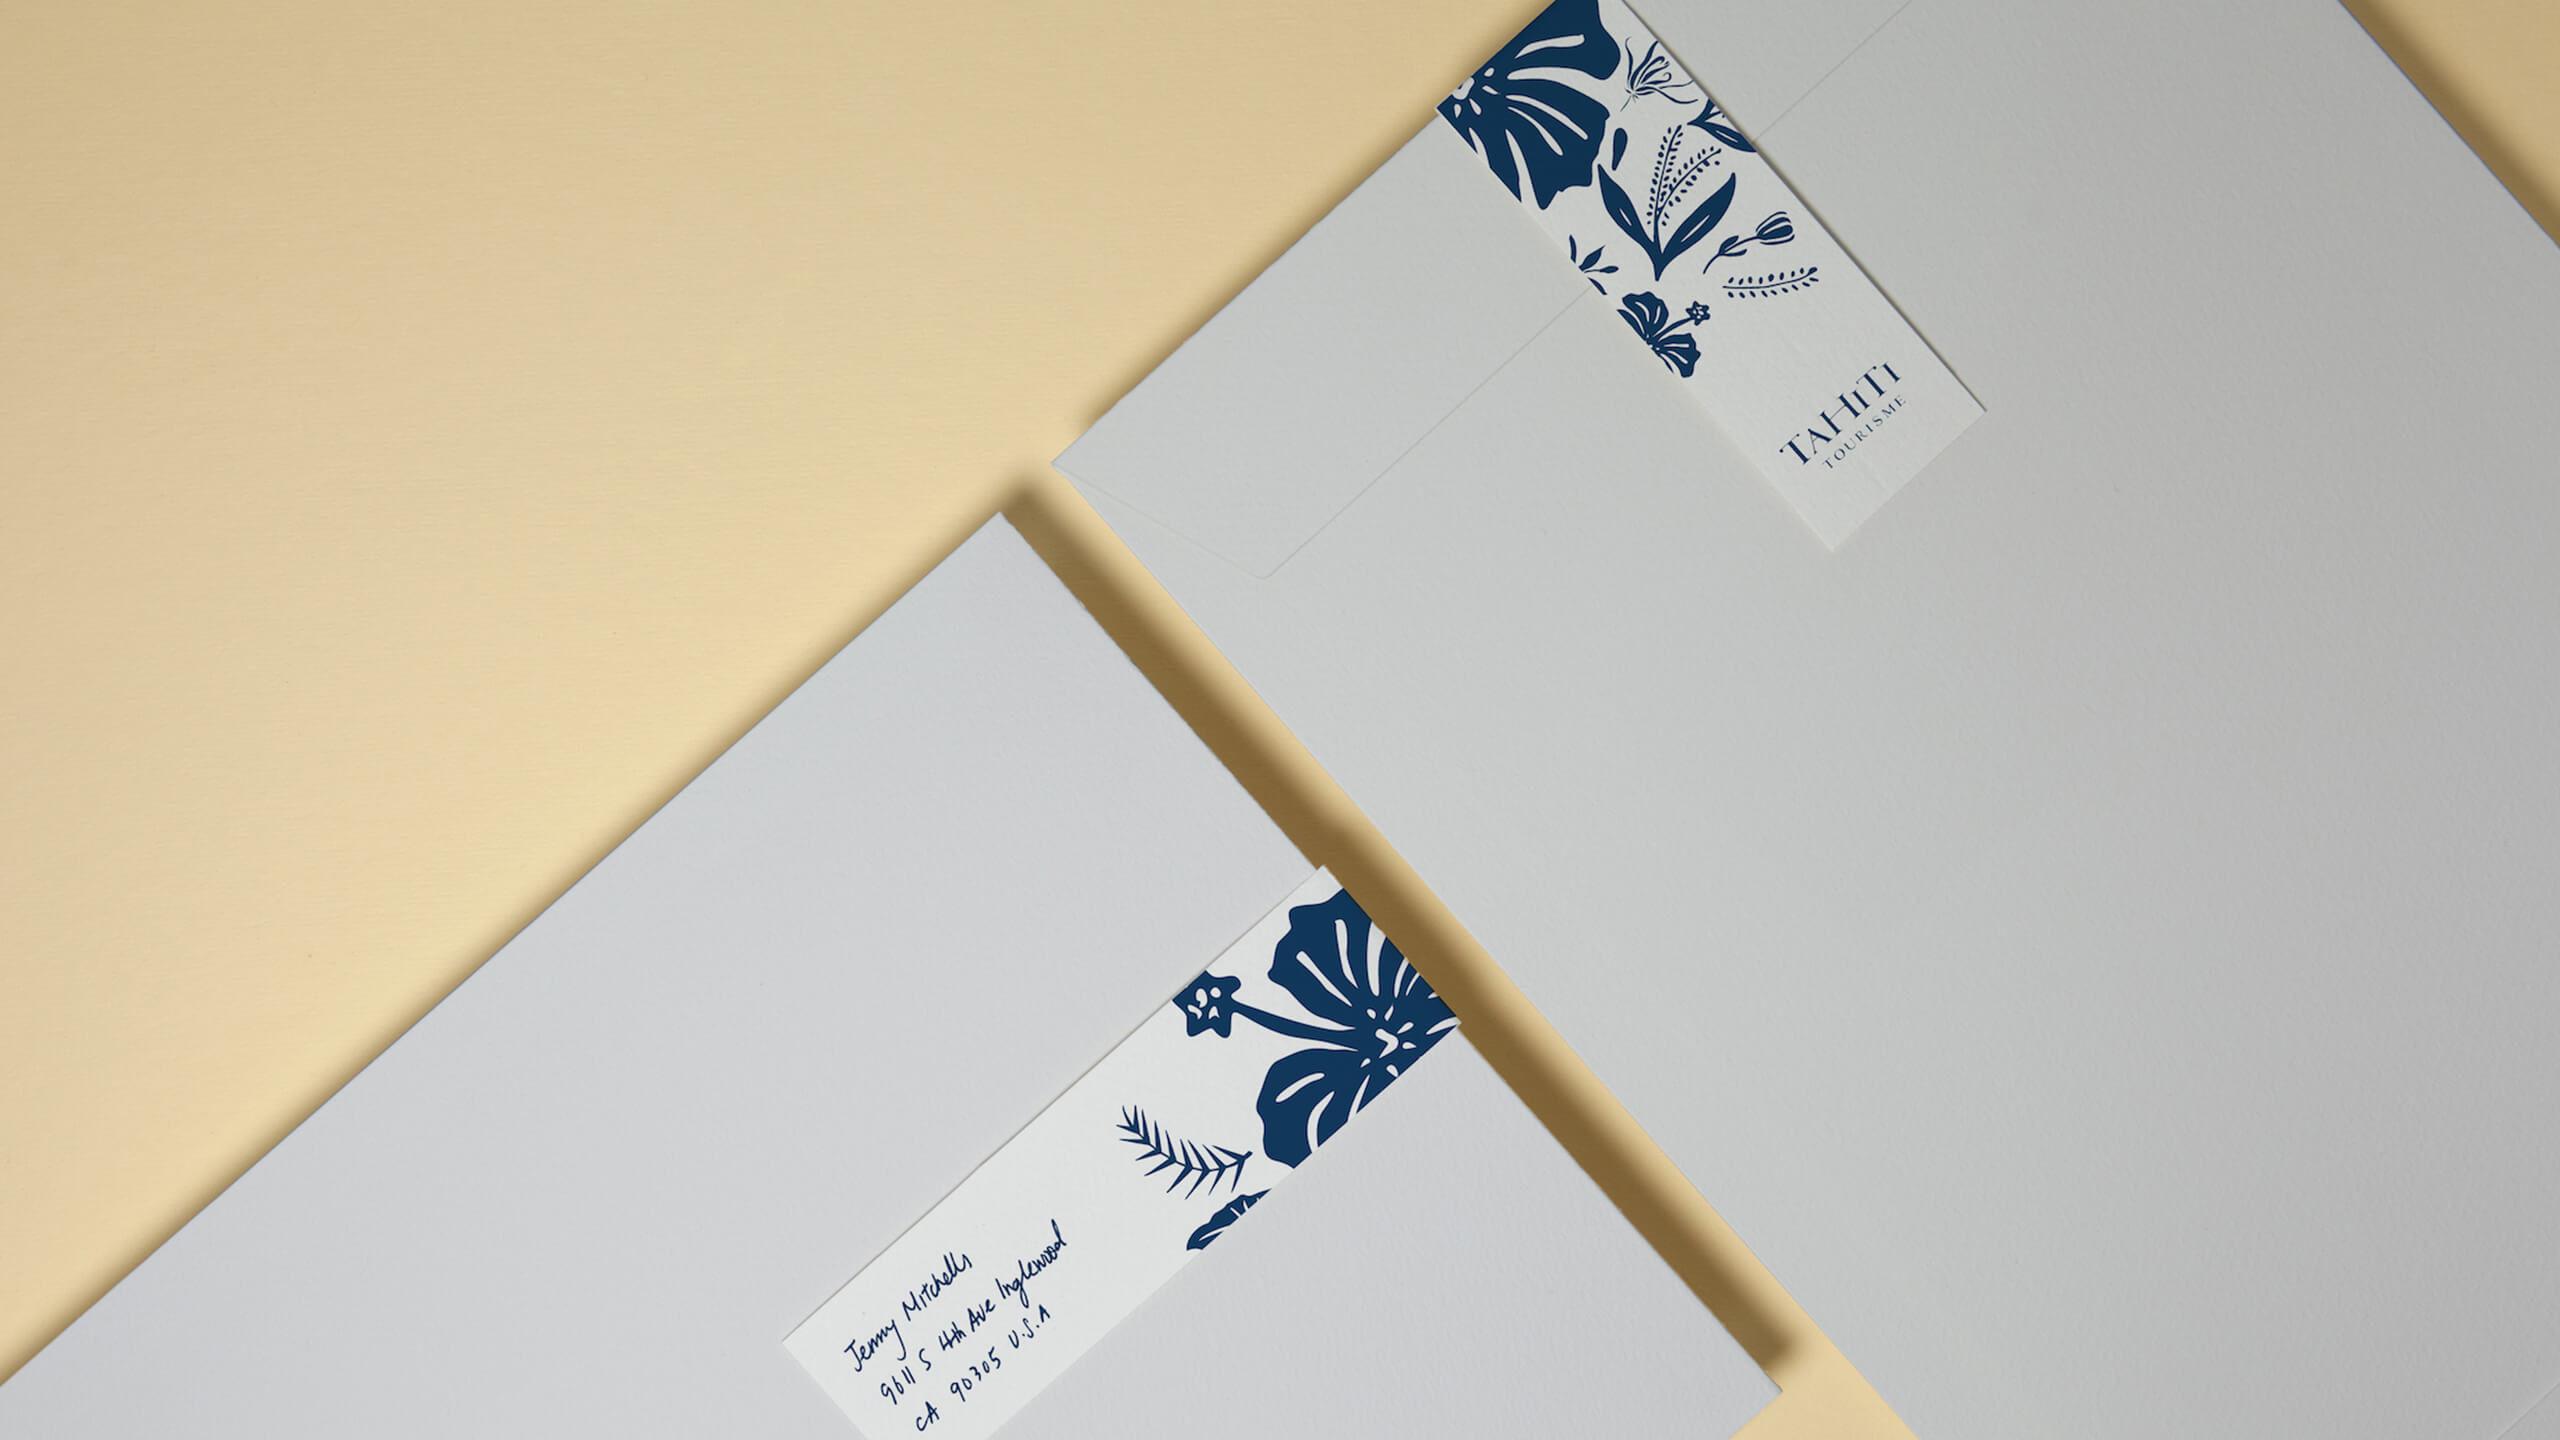 tahiti_branding_strategy_the_branding_journal_4